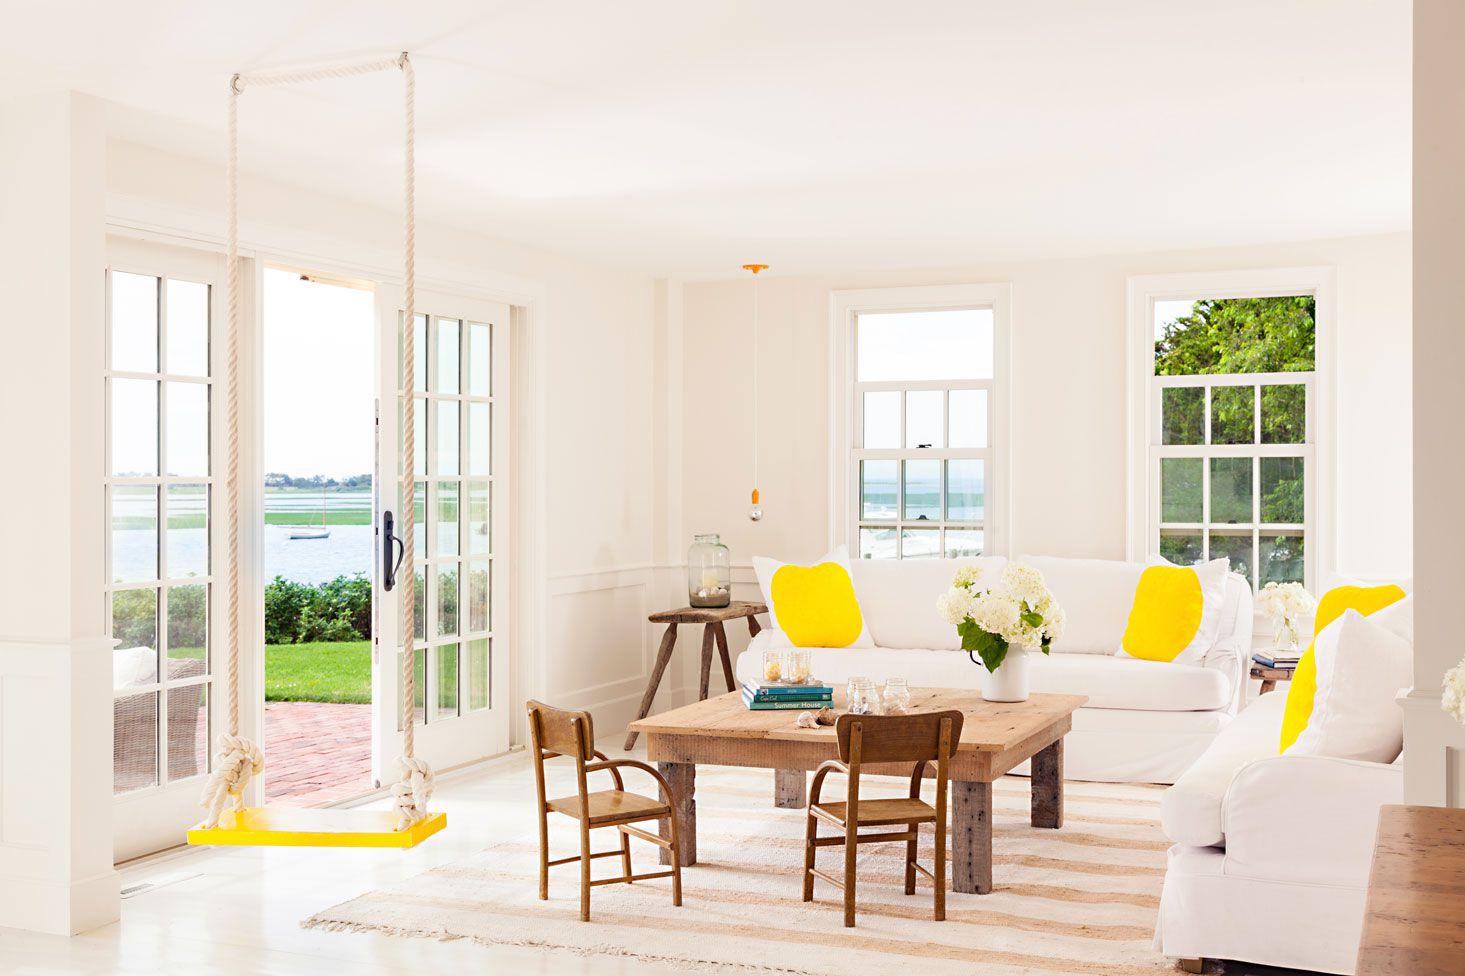 sala de estar de estilo cabaña con columpio